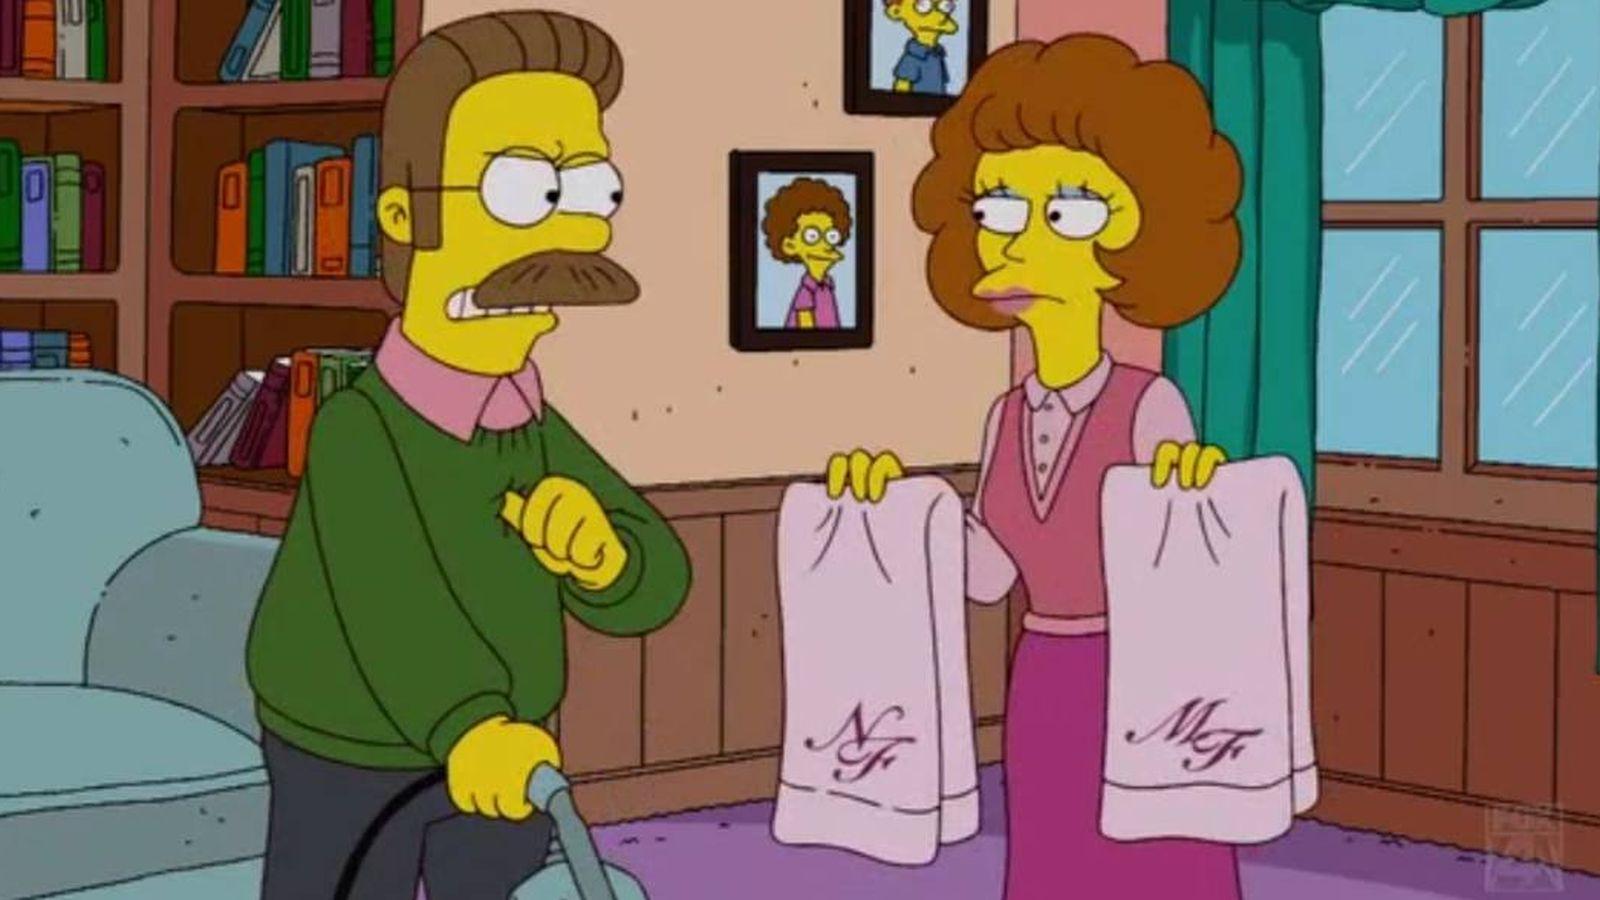 Foto: El matrimonio Flanders en 'Los Simpson'. (Fox)